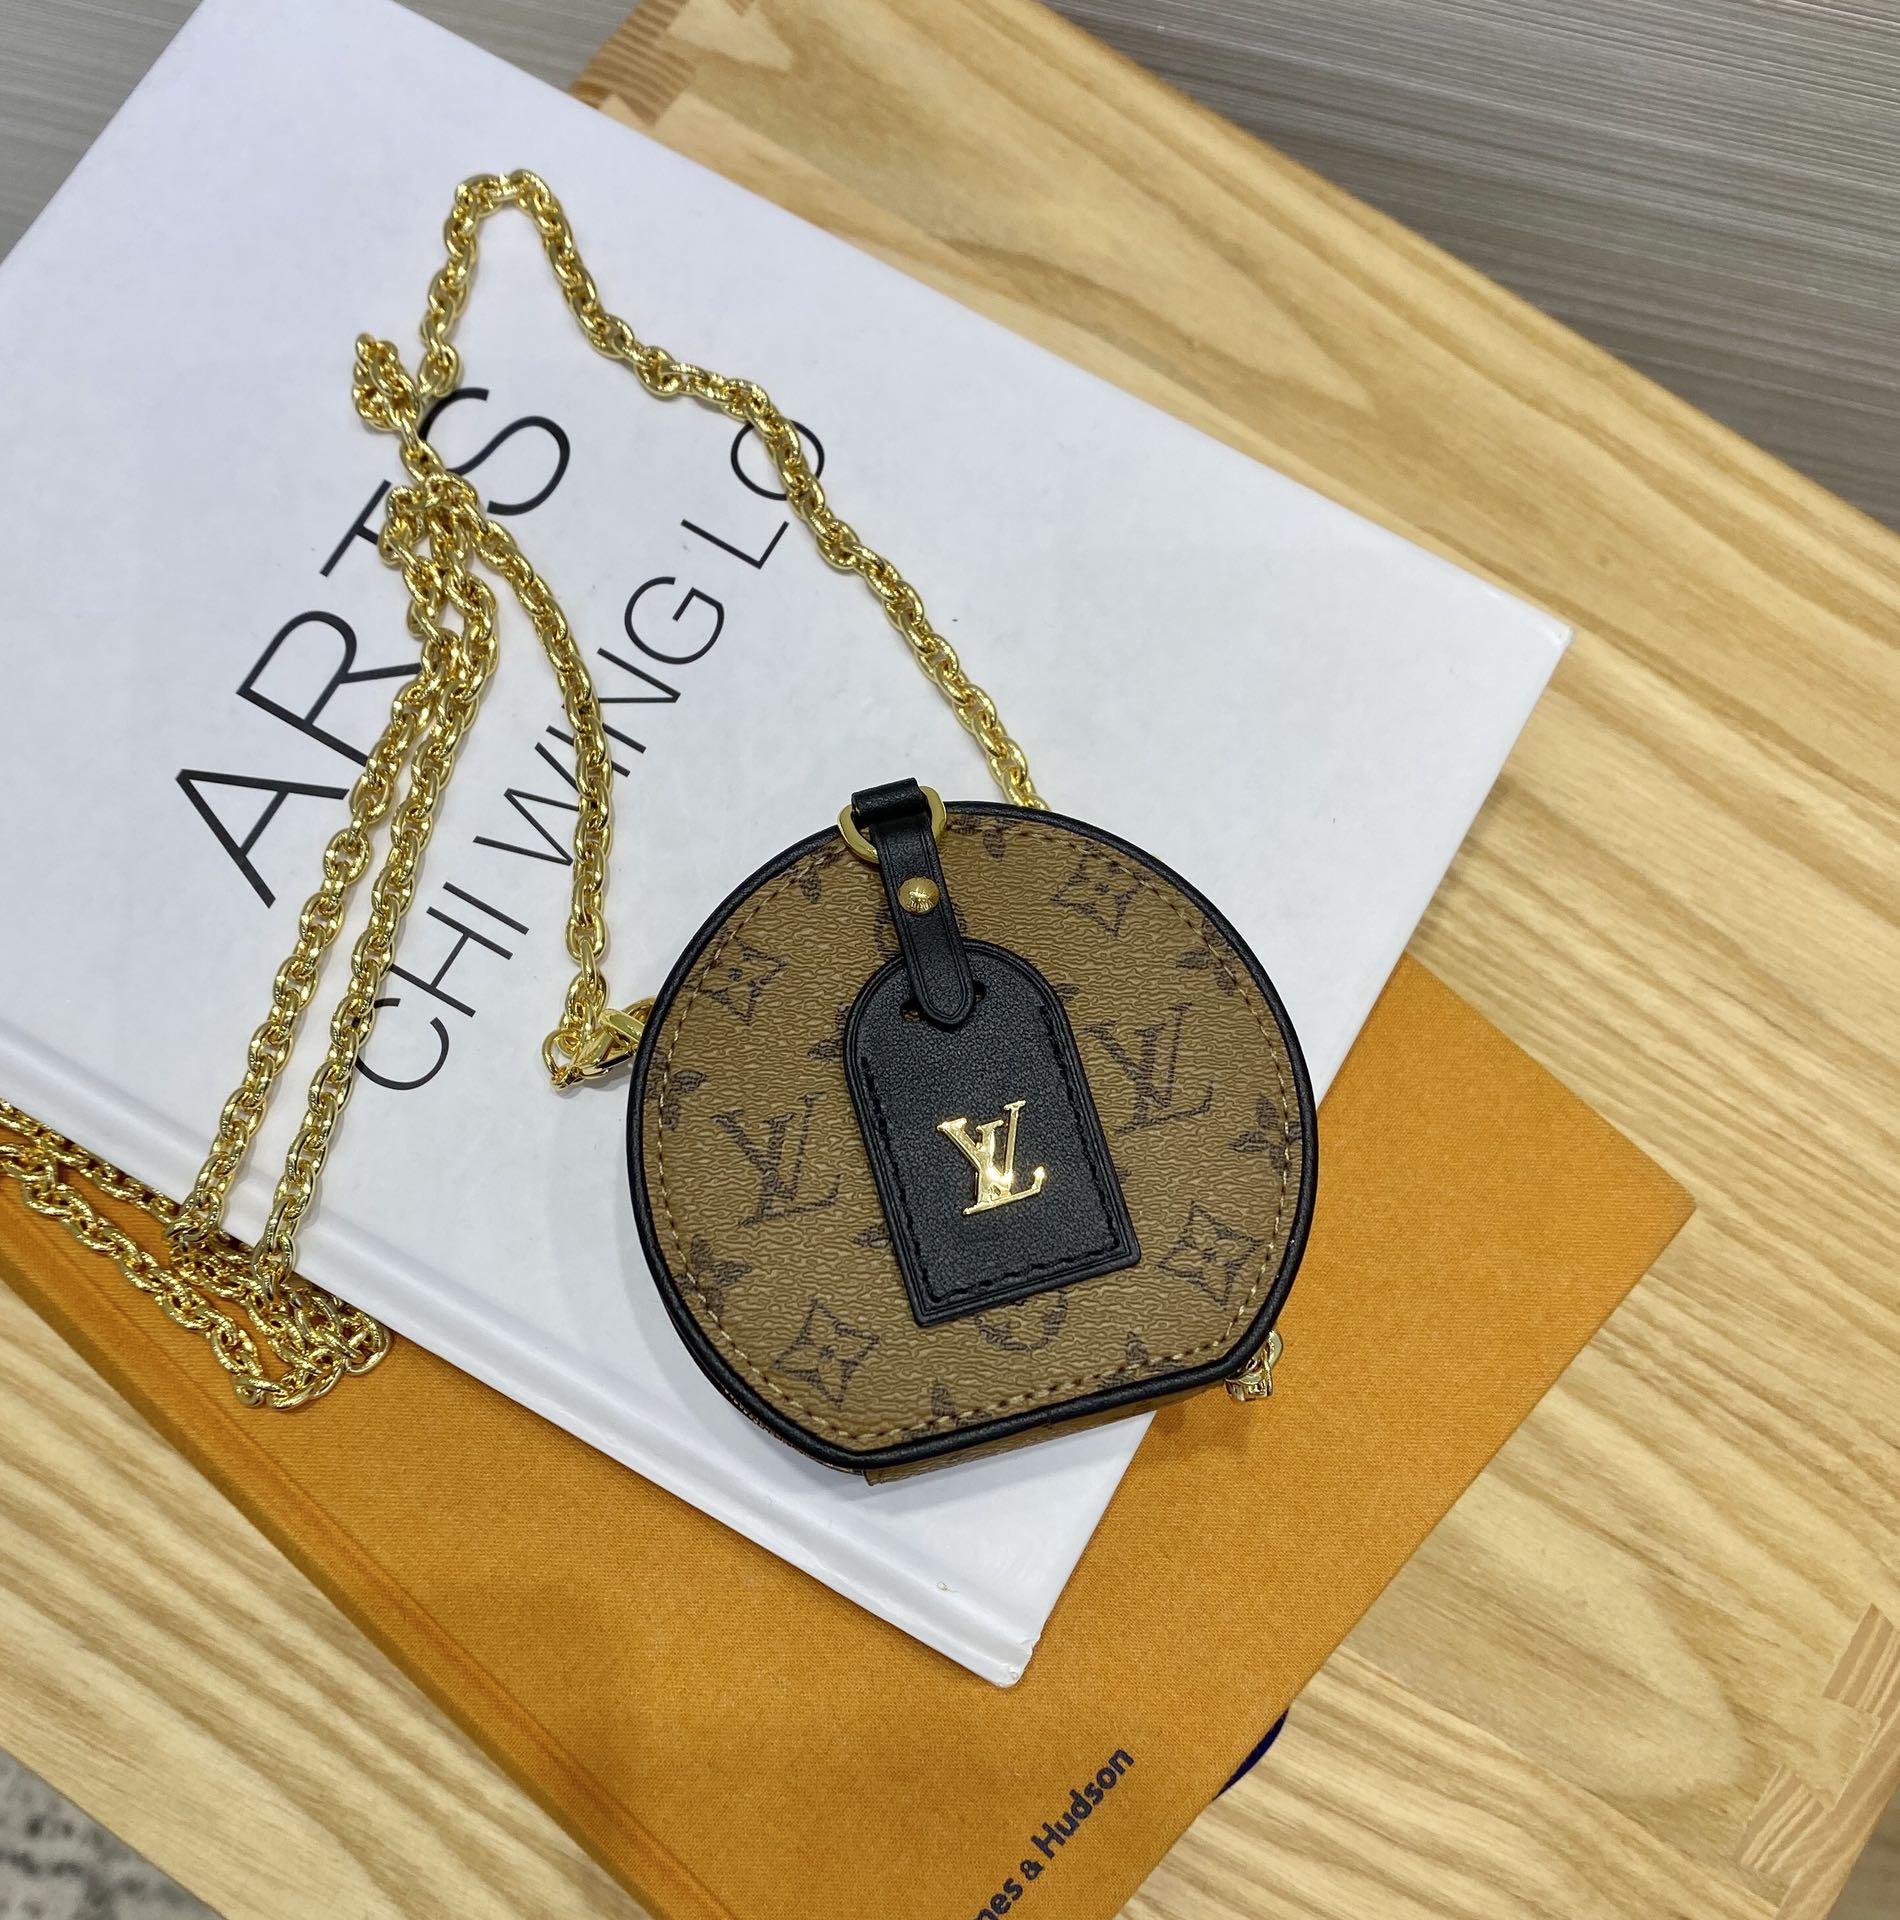 【¥680】驴家mini项链圆饼43522 可爱的小包 小巧精致